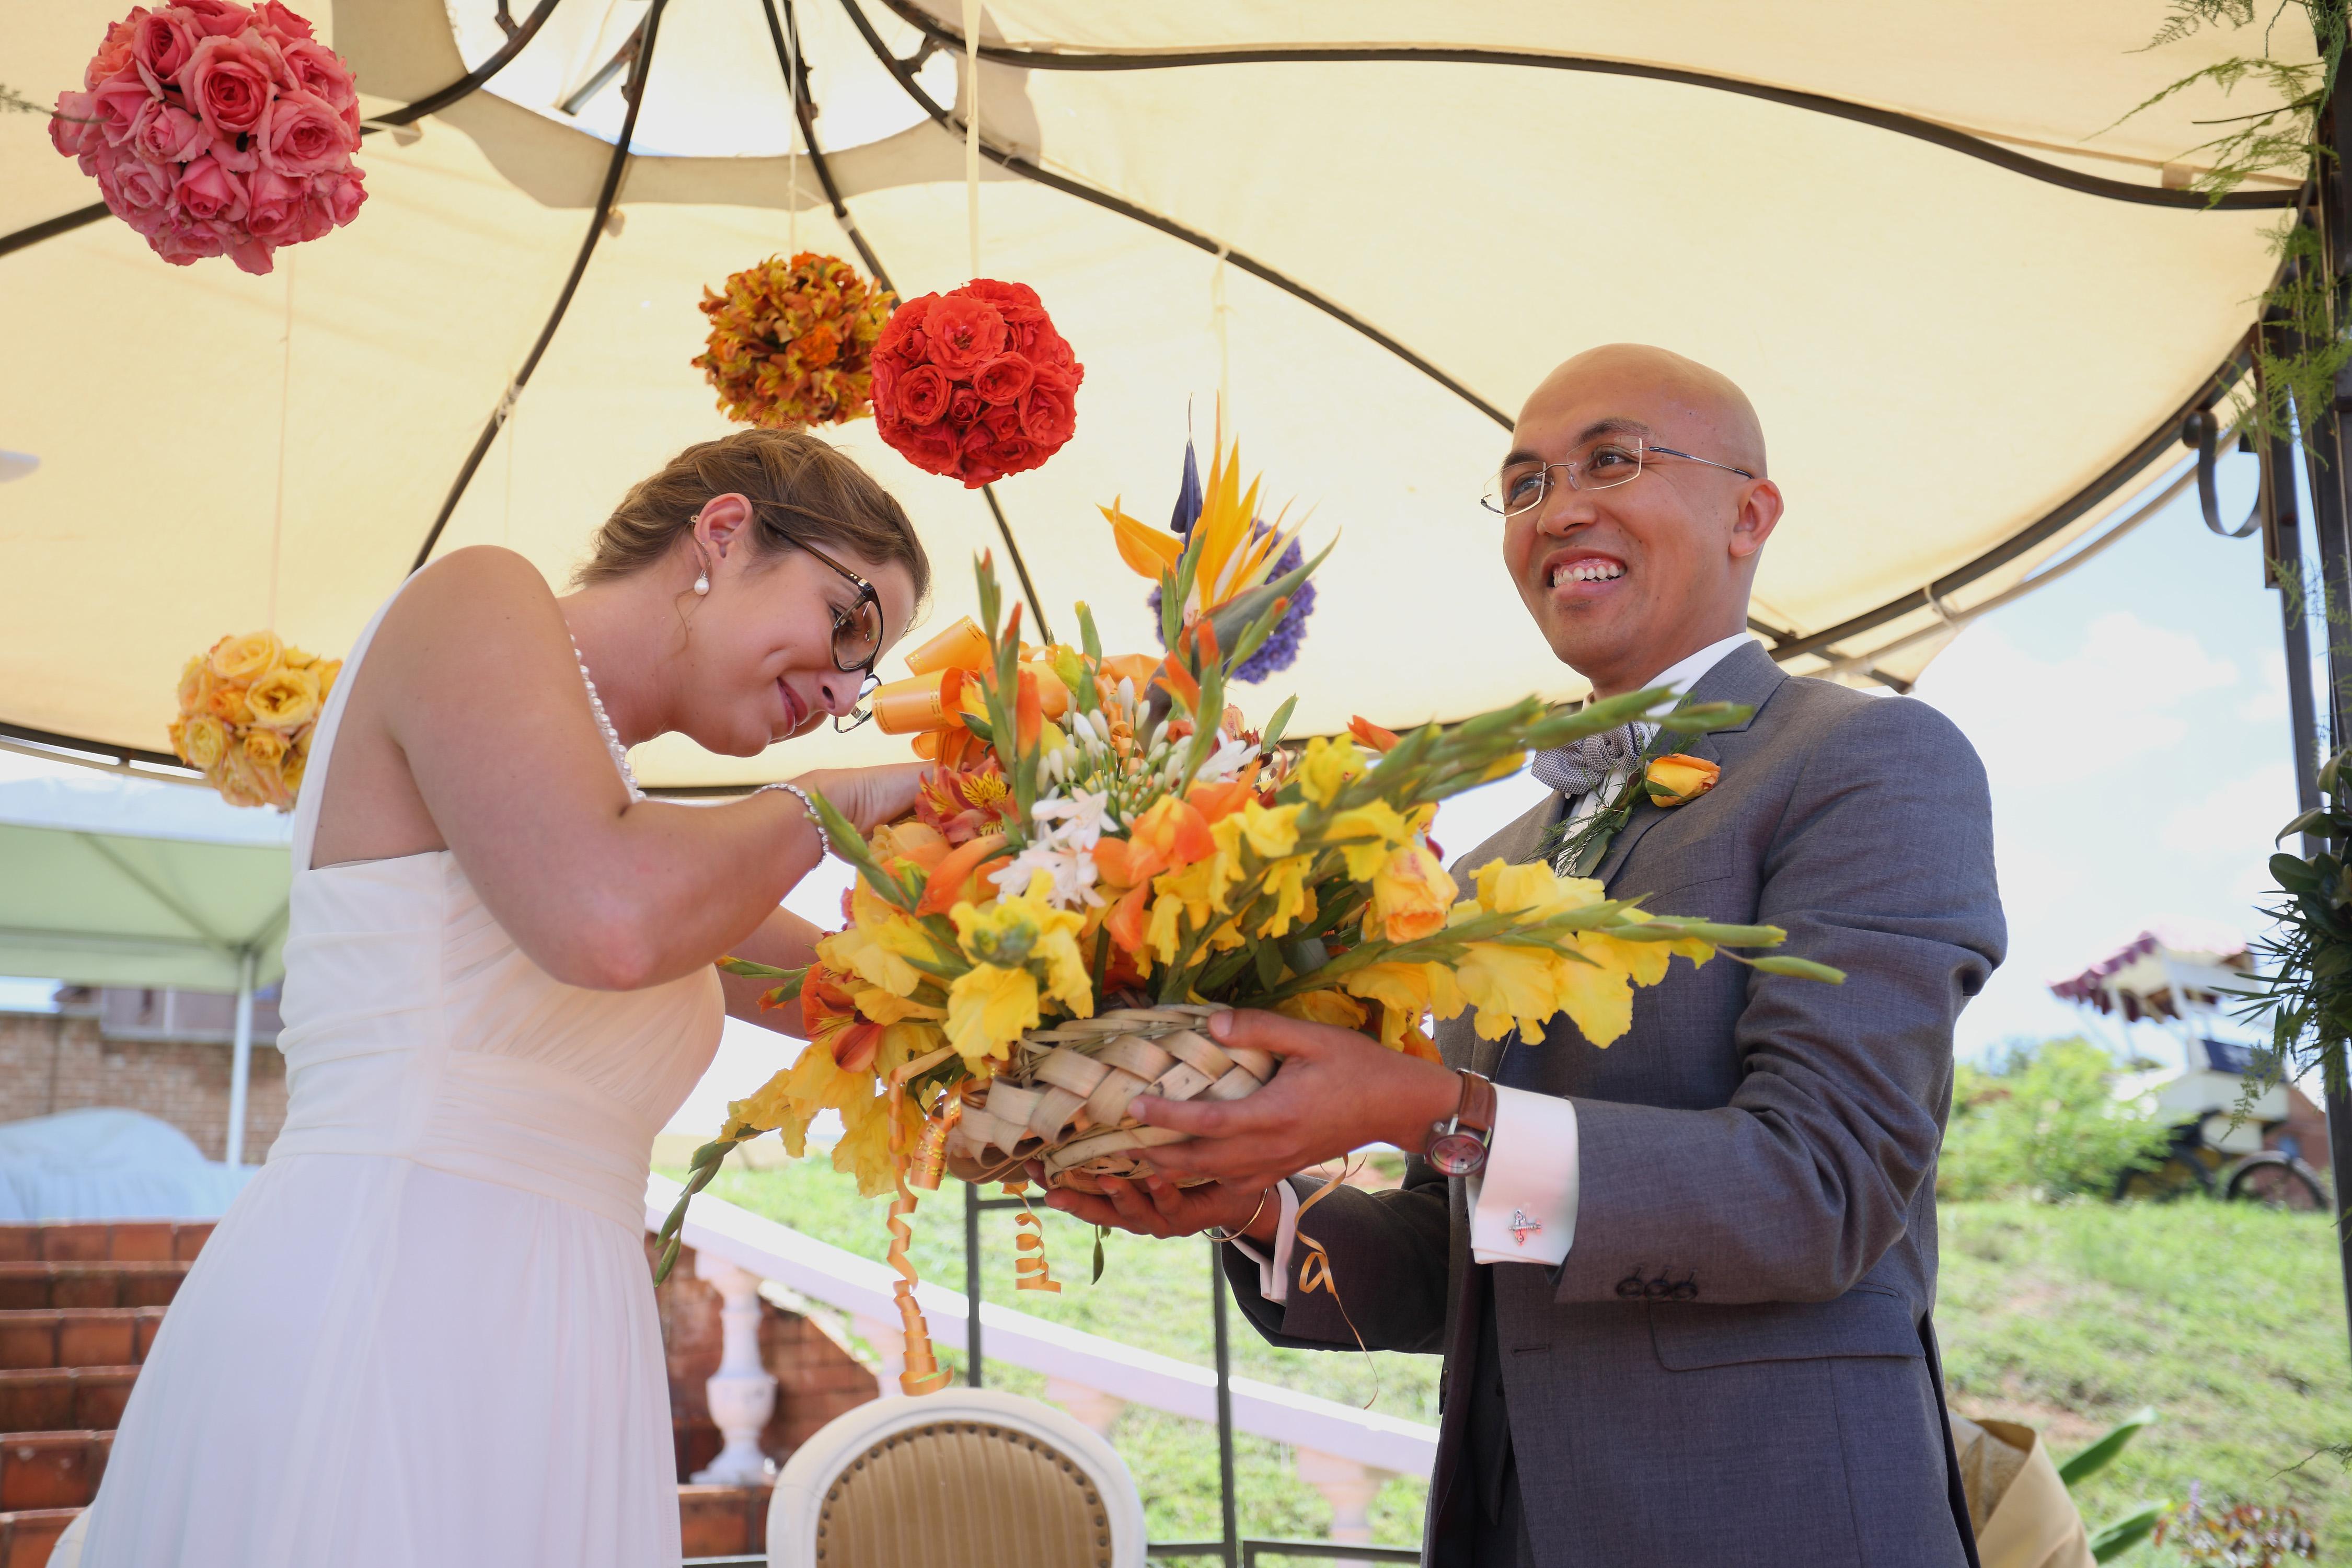 Mon mariage traditionnel malgache : la suite de la cérémonie après mon entrée